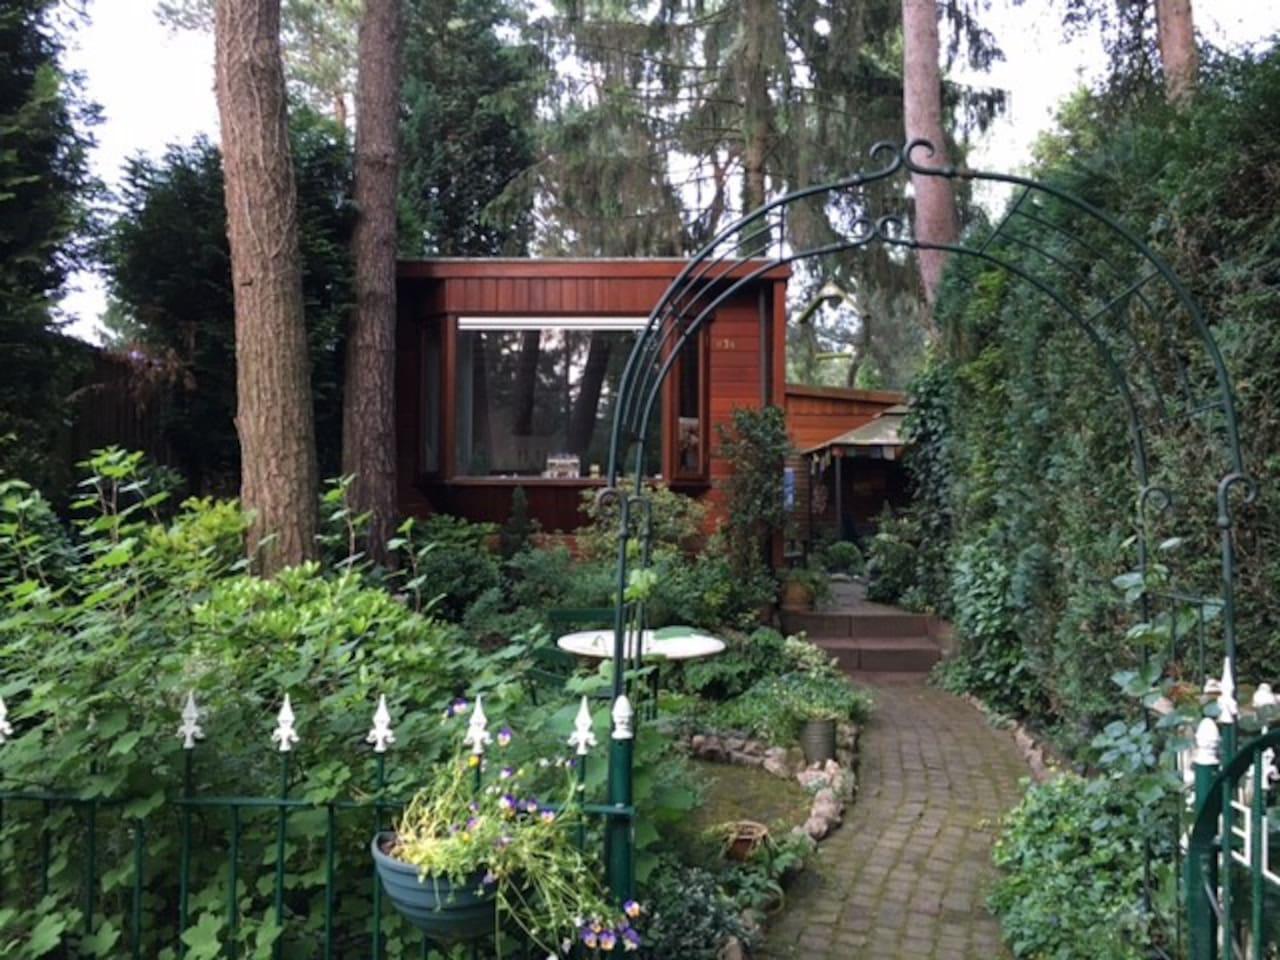 De Top 20 Chalets om te huren in Garderen - Airbnb: camping ...